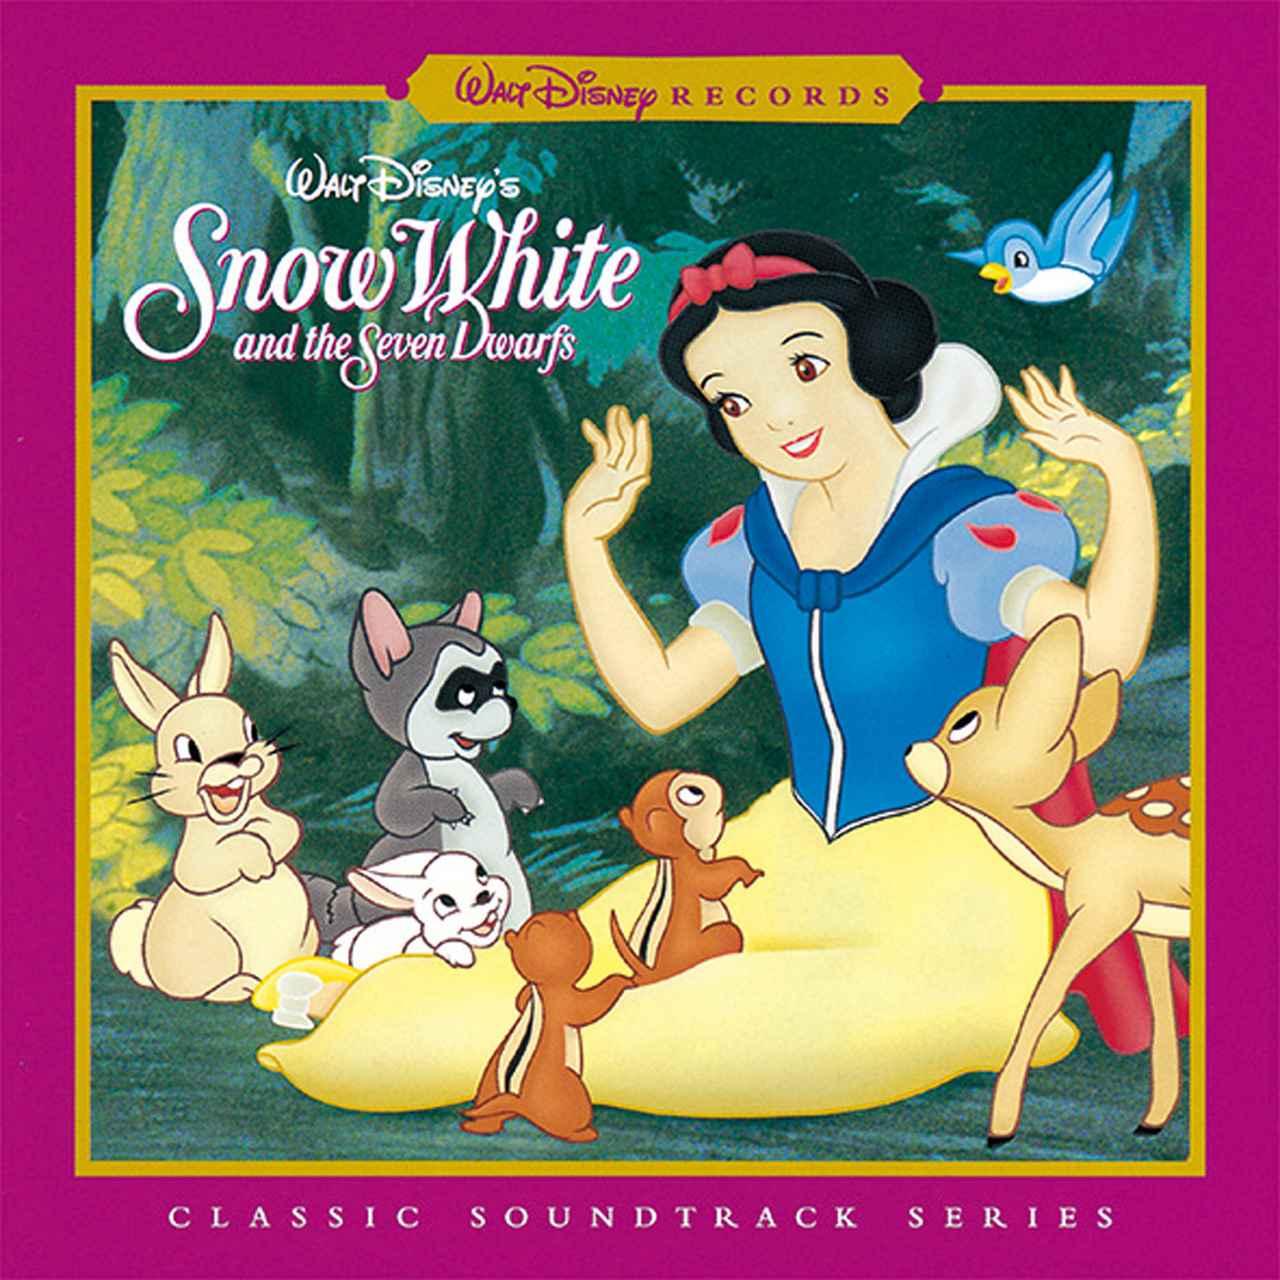 画像: 白雪姫 オリジナル・サウンドトラック デジタル・リマスター盤(UWCD-8001)